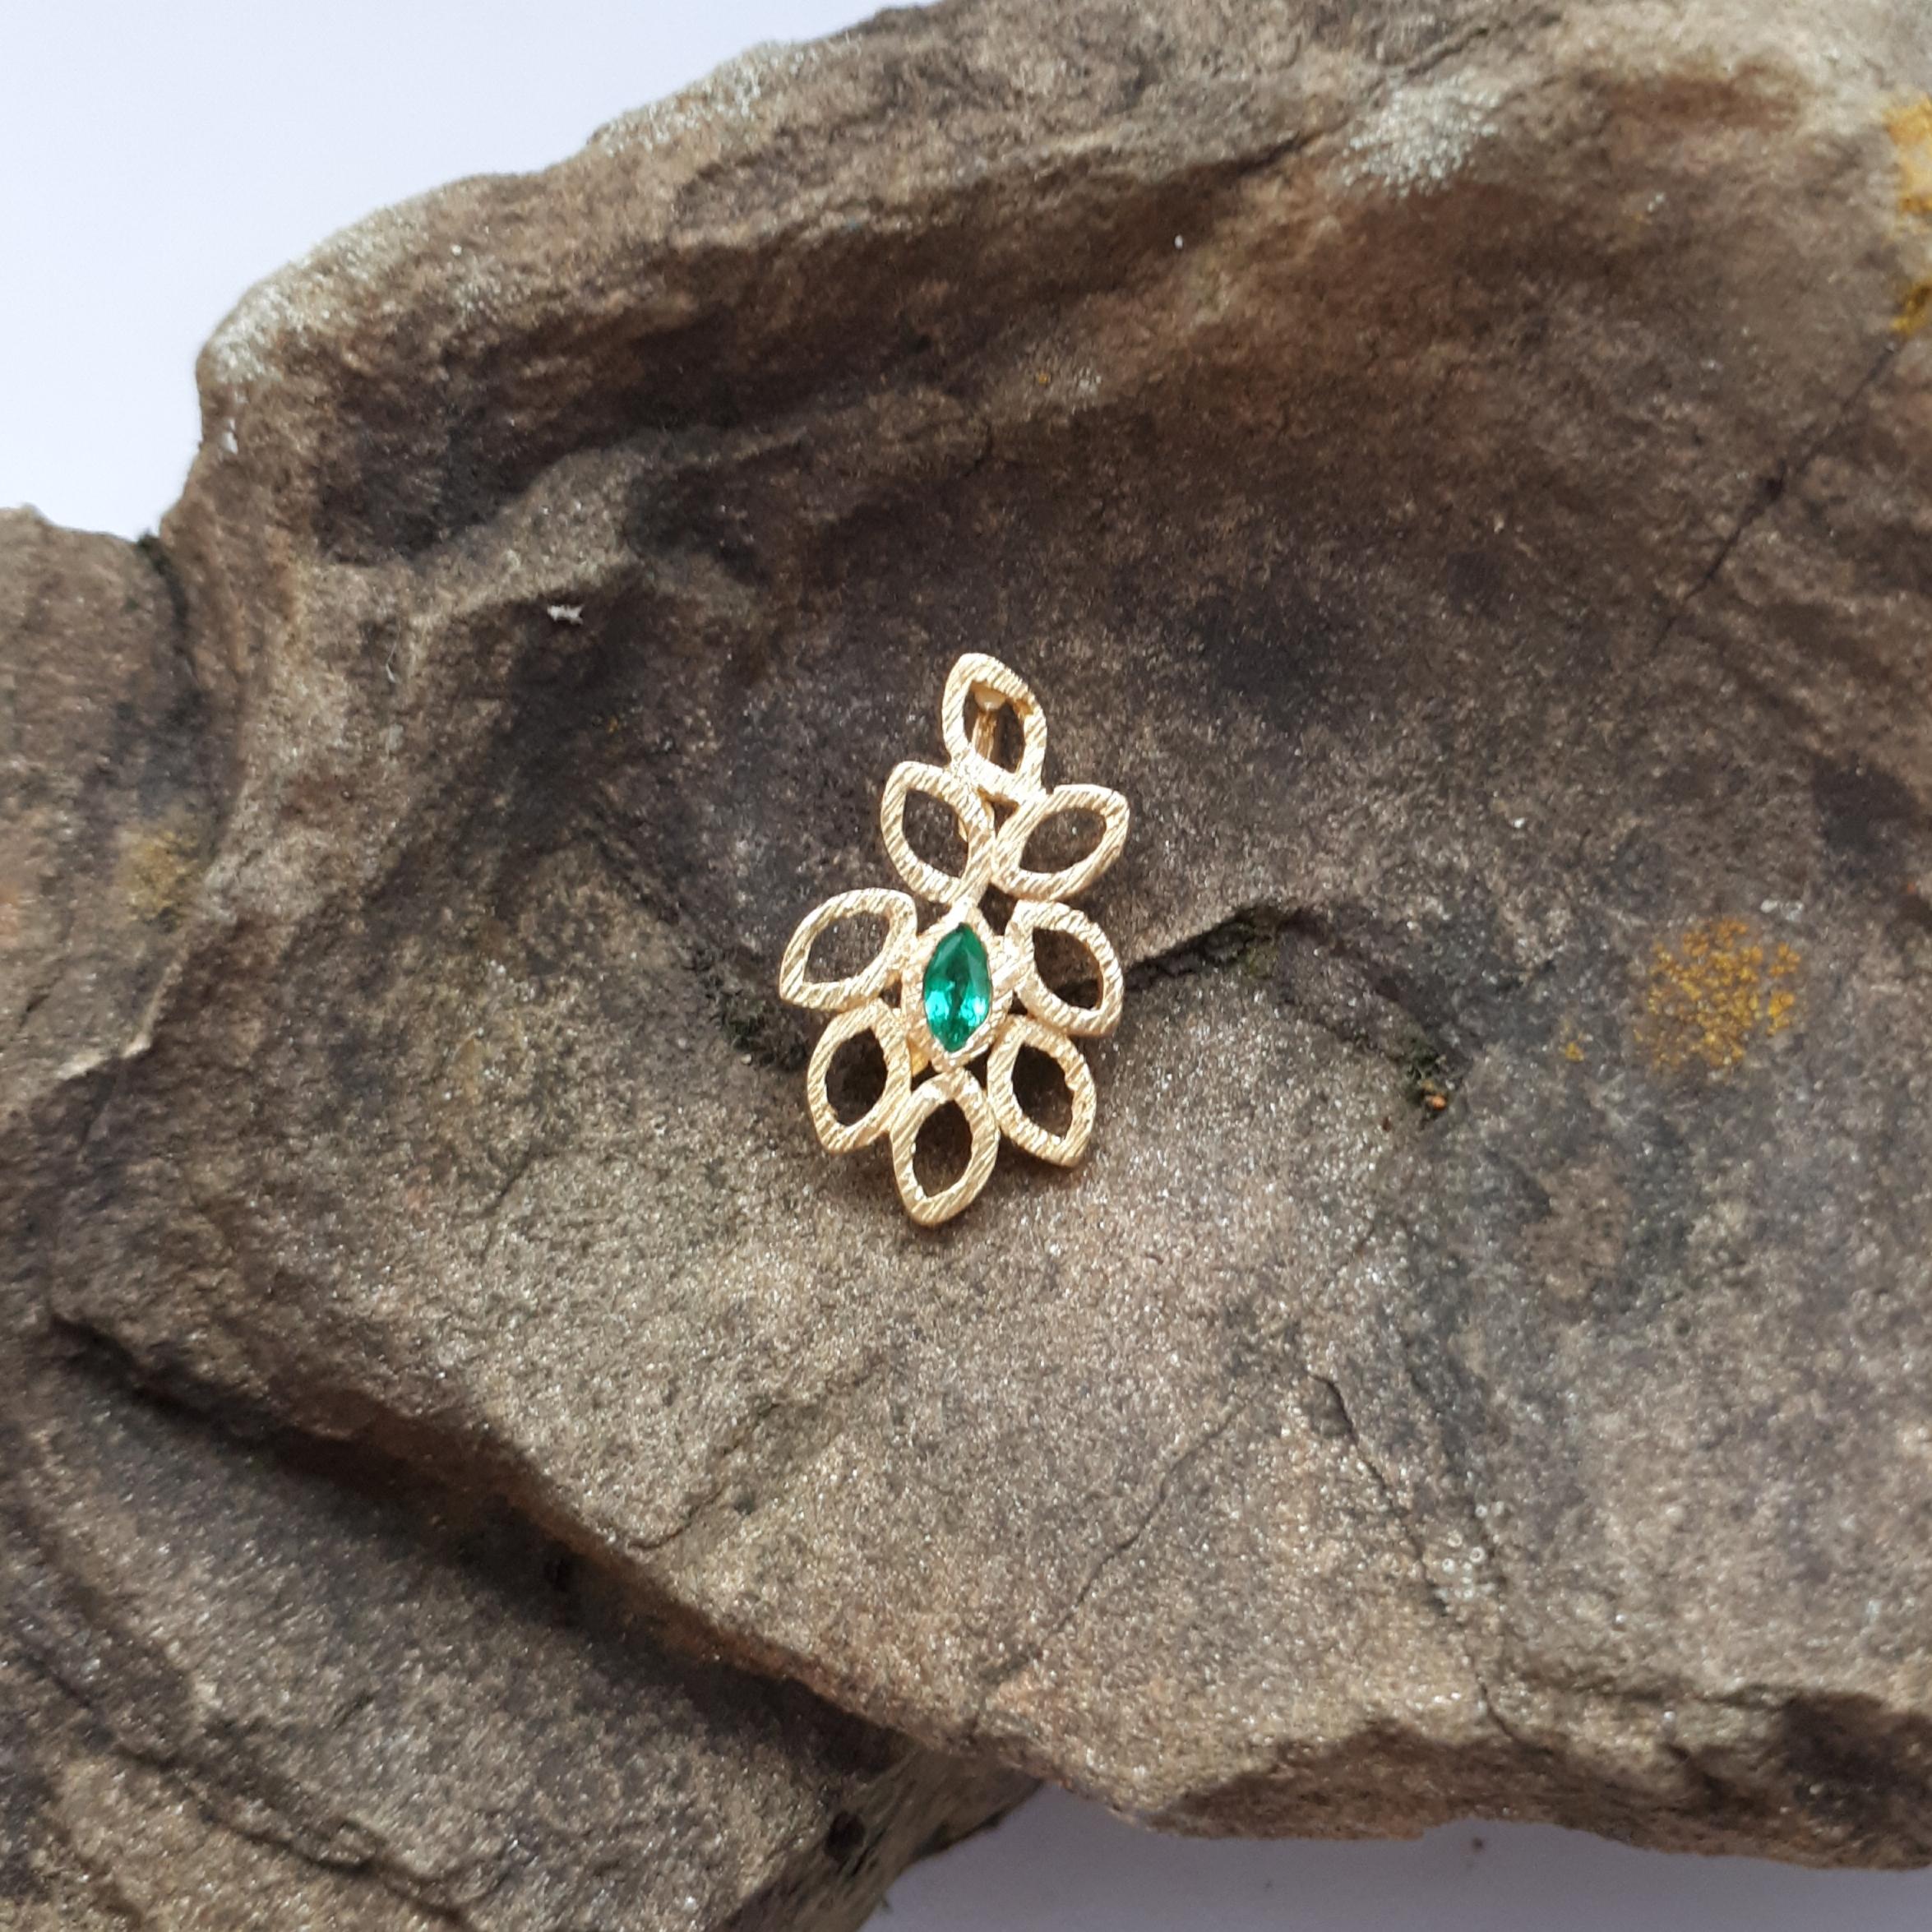 Blättchenanhänger mit Smaragd, 750 Gelbgold